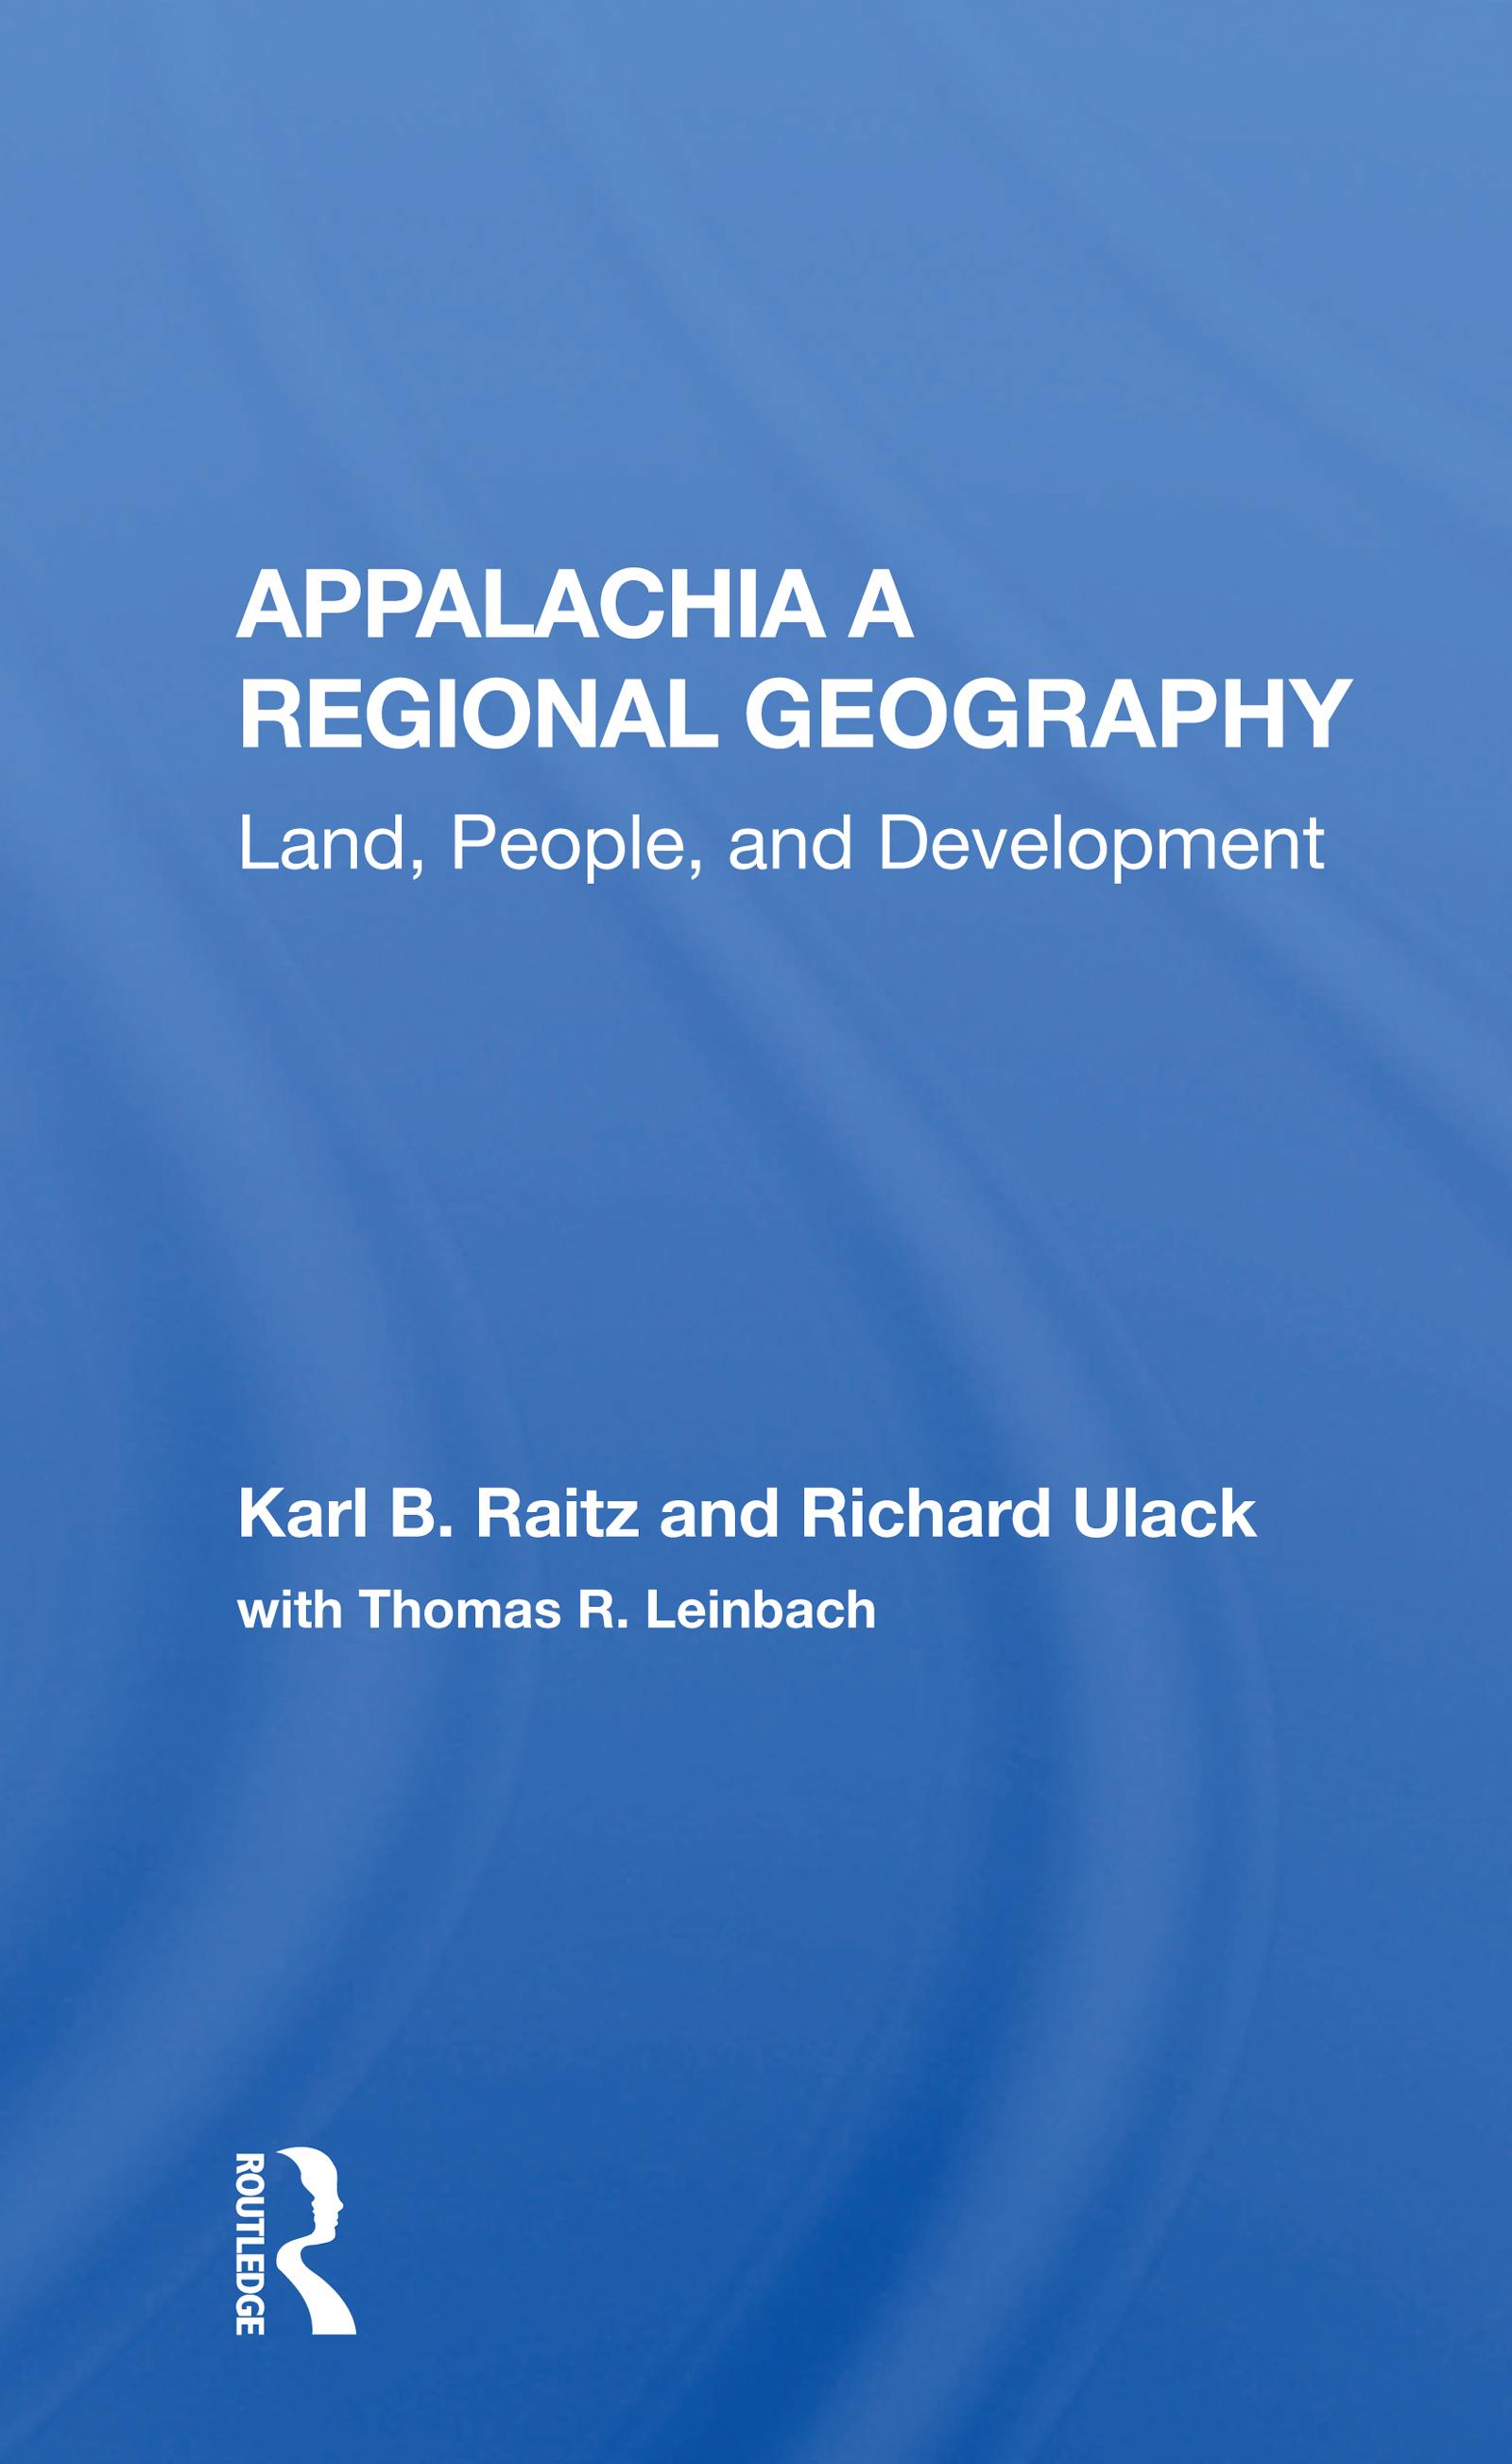 Appalachia A Regional Geography